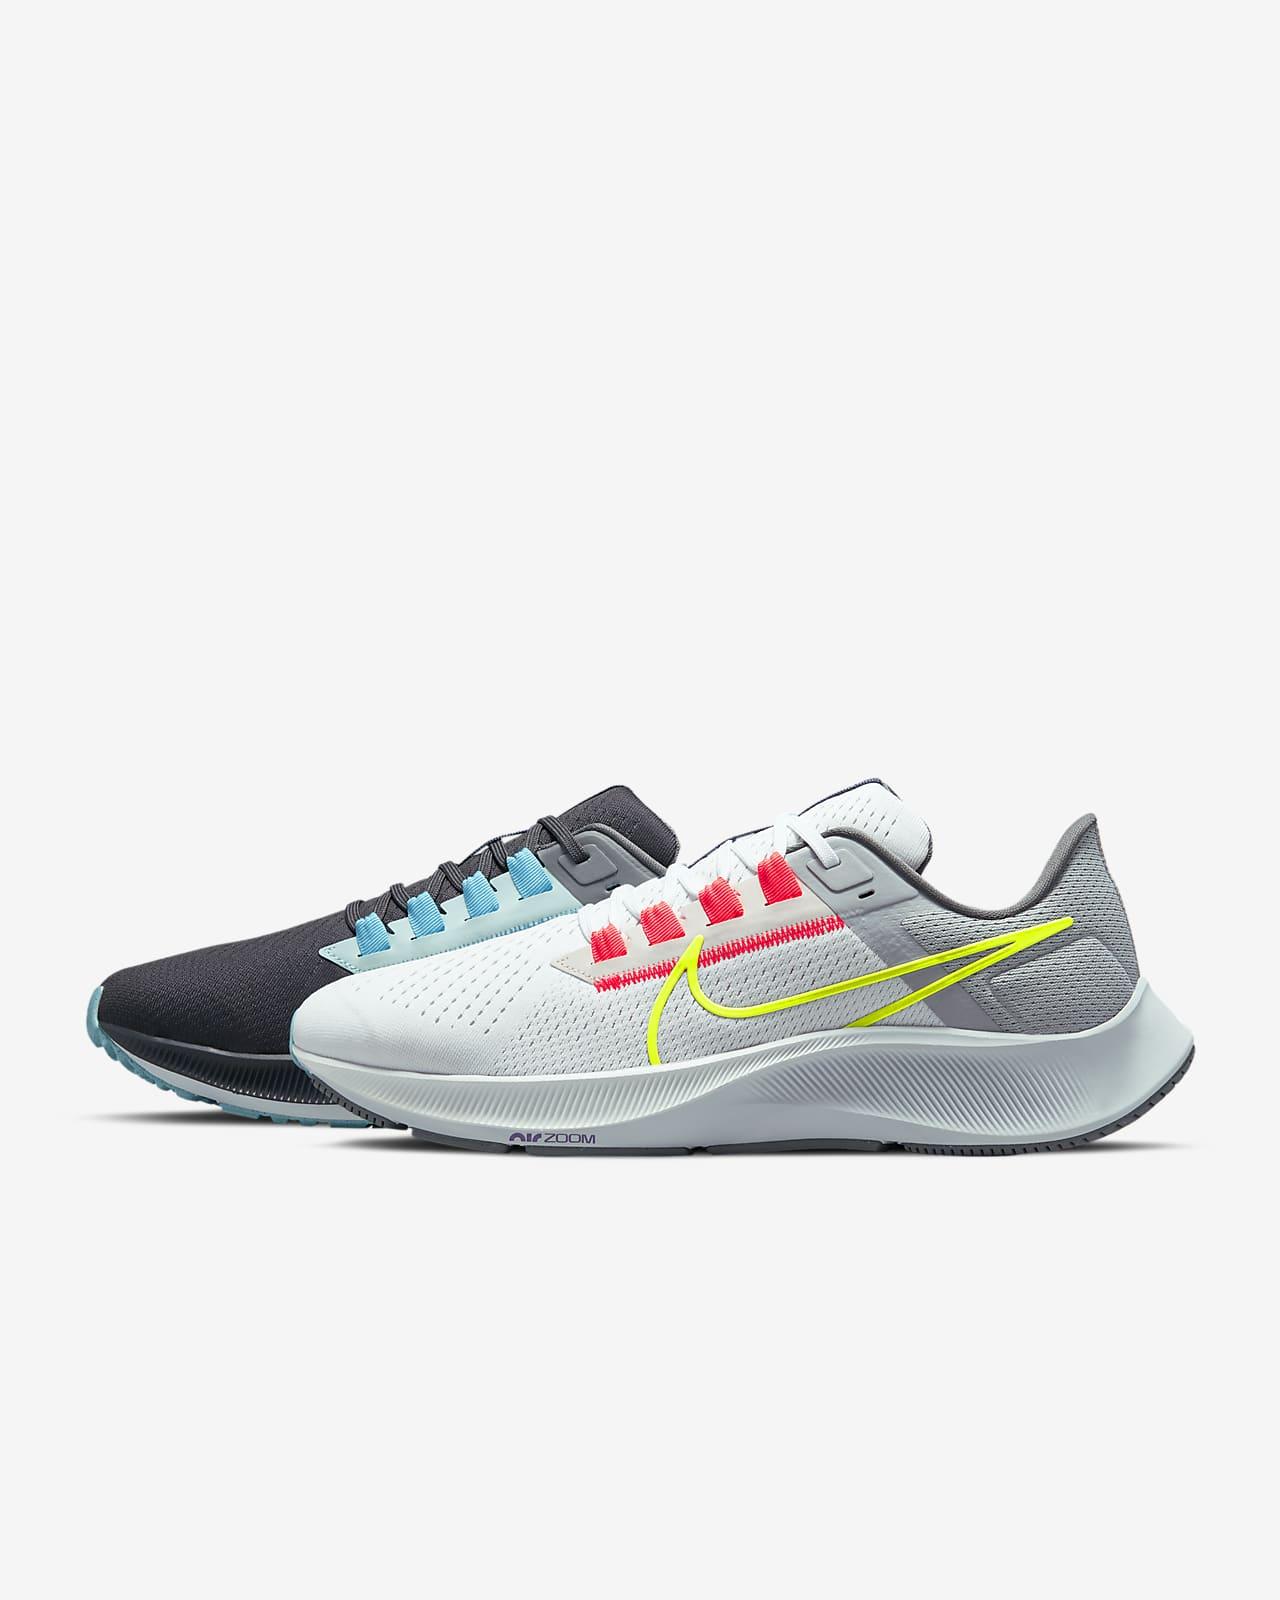 Мужские беговые кроссовки Nike Air Zoom Pegasus 38 Limited Edition